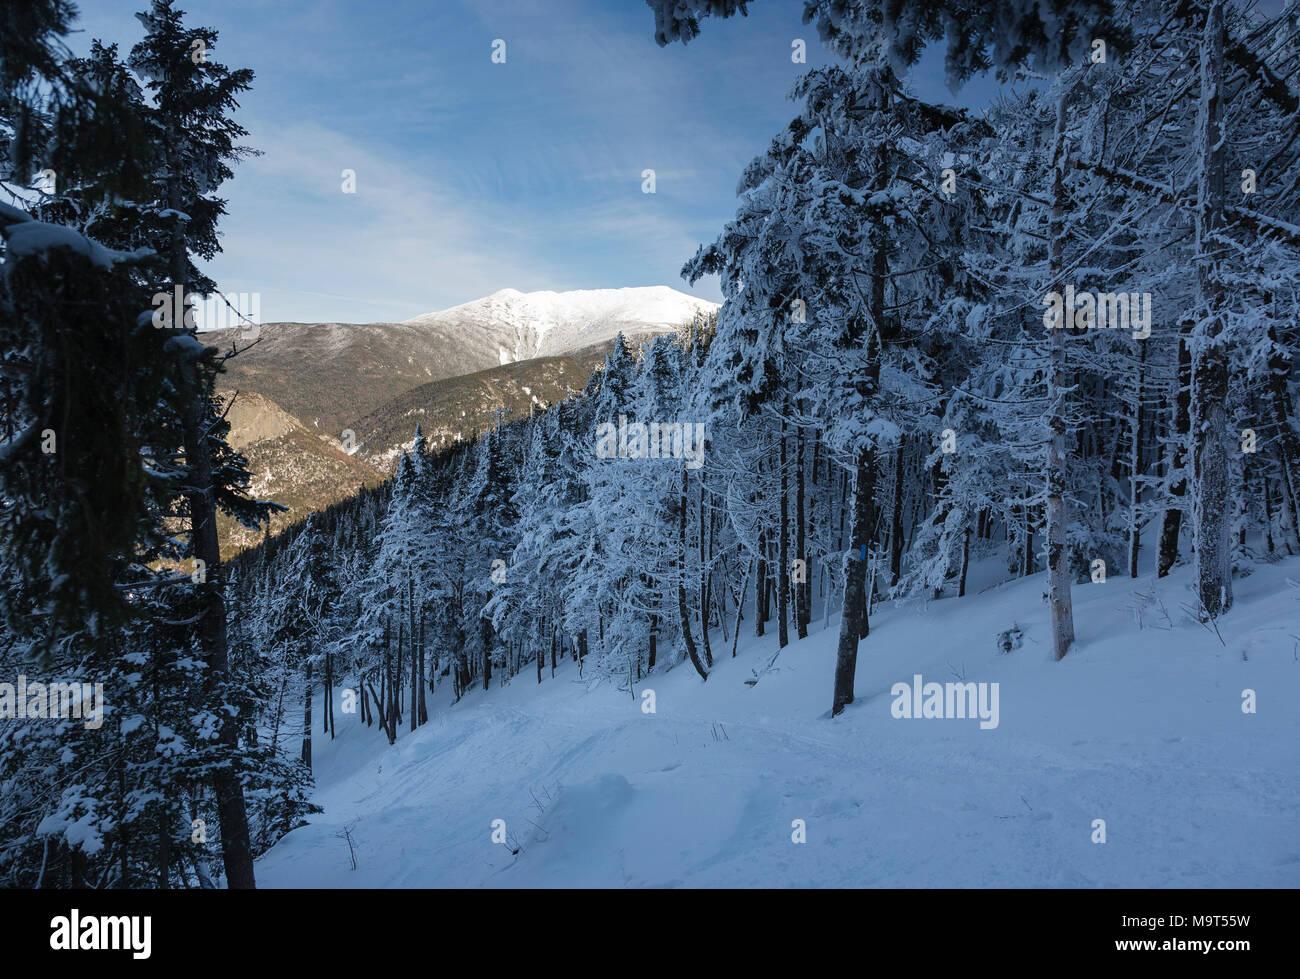 Franconia Notch State Park - mont Lafayette le long de Kinsman Ridge Trail dans les Montagnes Blanches (New Hampshire). Ce sentier mène au sommet du C Banque D'Images